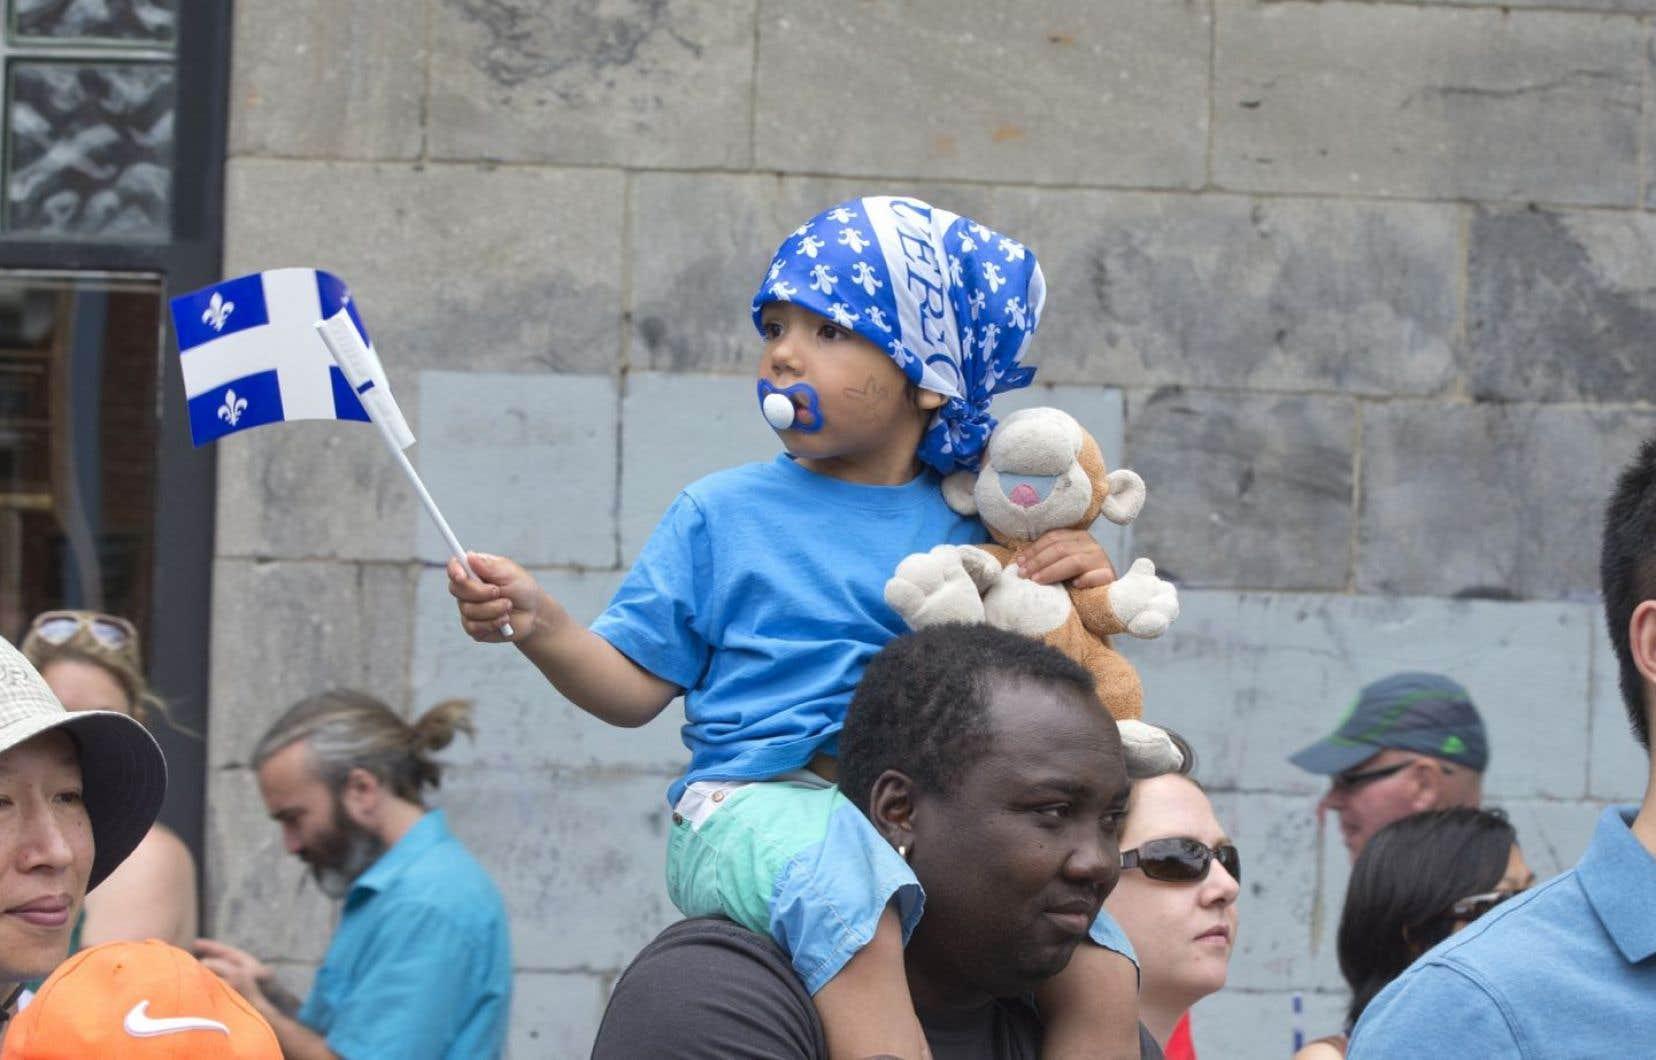 Seuls certains réactionnaires, enragés et déclassés, refusent de reconnaître que l'identité québécoise s'est profondément modifiée au fil des années et des décennies.